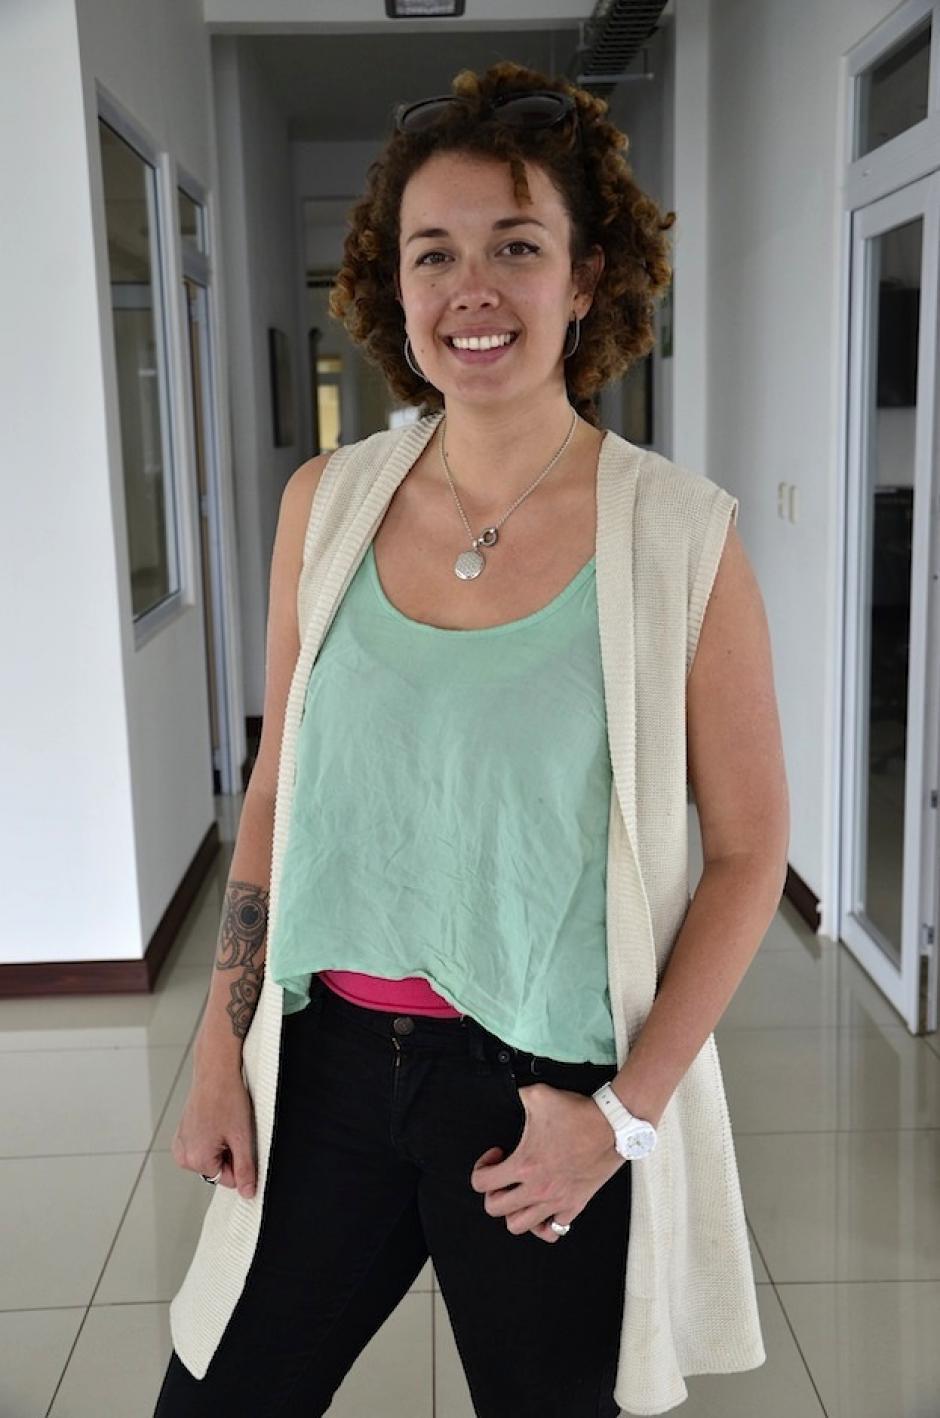 Ana Cosenza se unió a esta aventura con su talento visual. (Foto: Selene Mejía/Soy502)